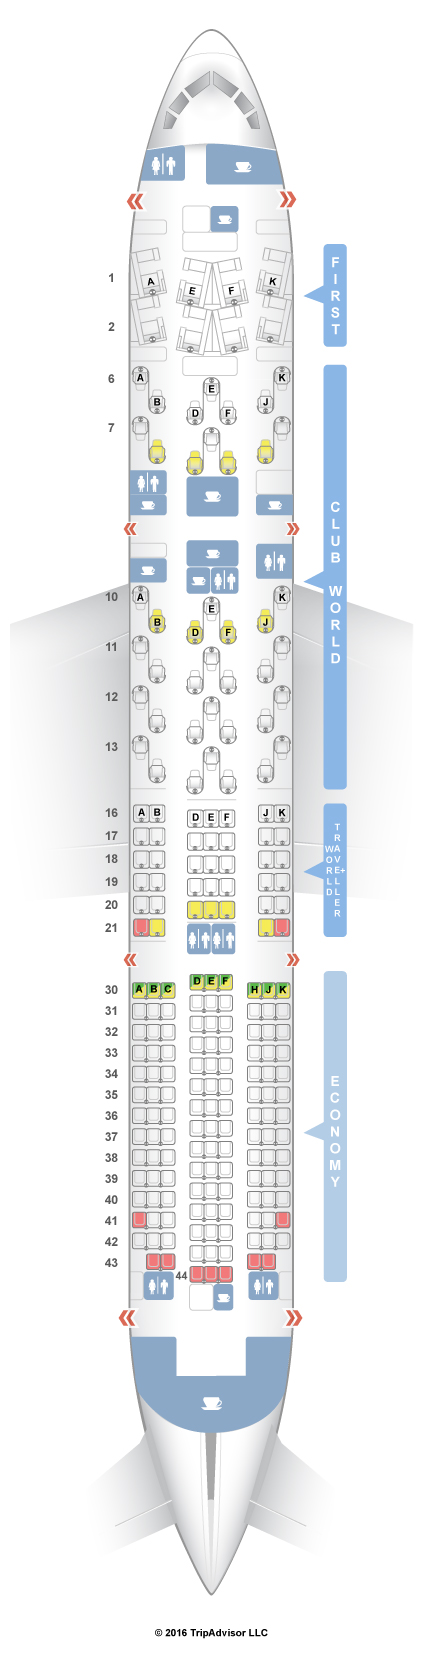 Seatguru Seat Map British Airways Boeing 787 9 789